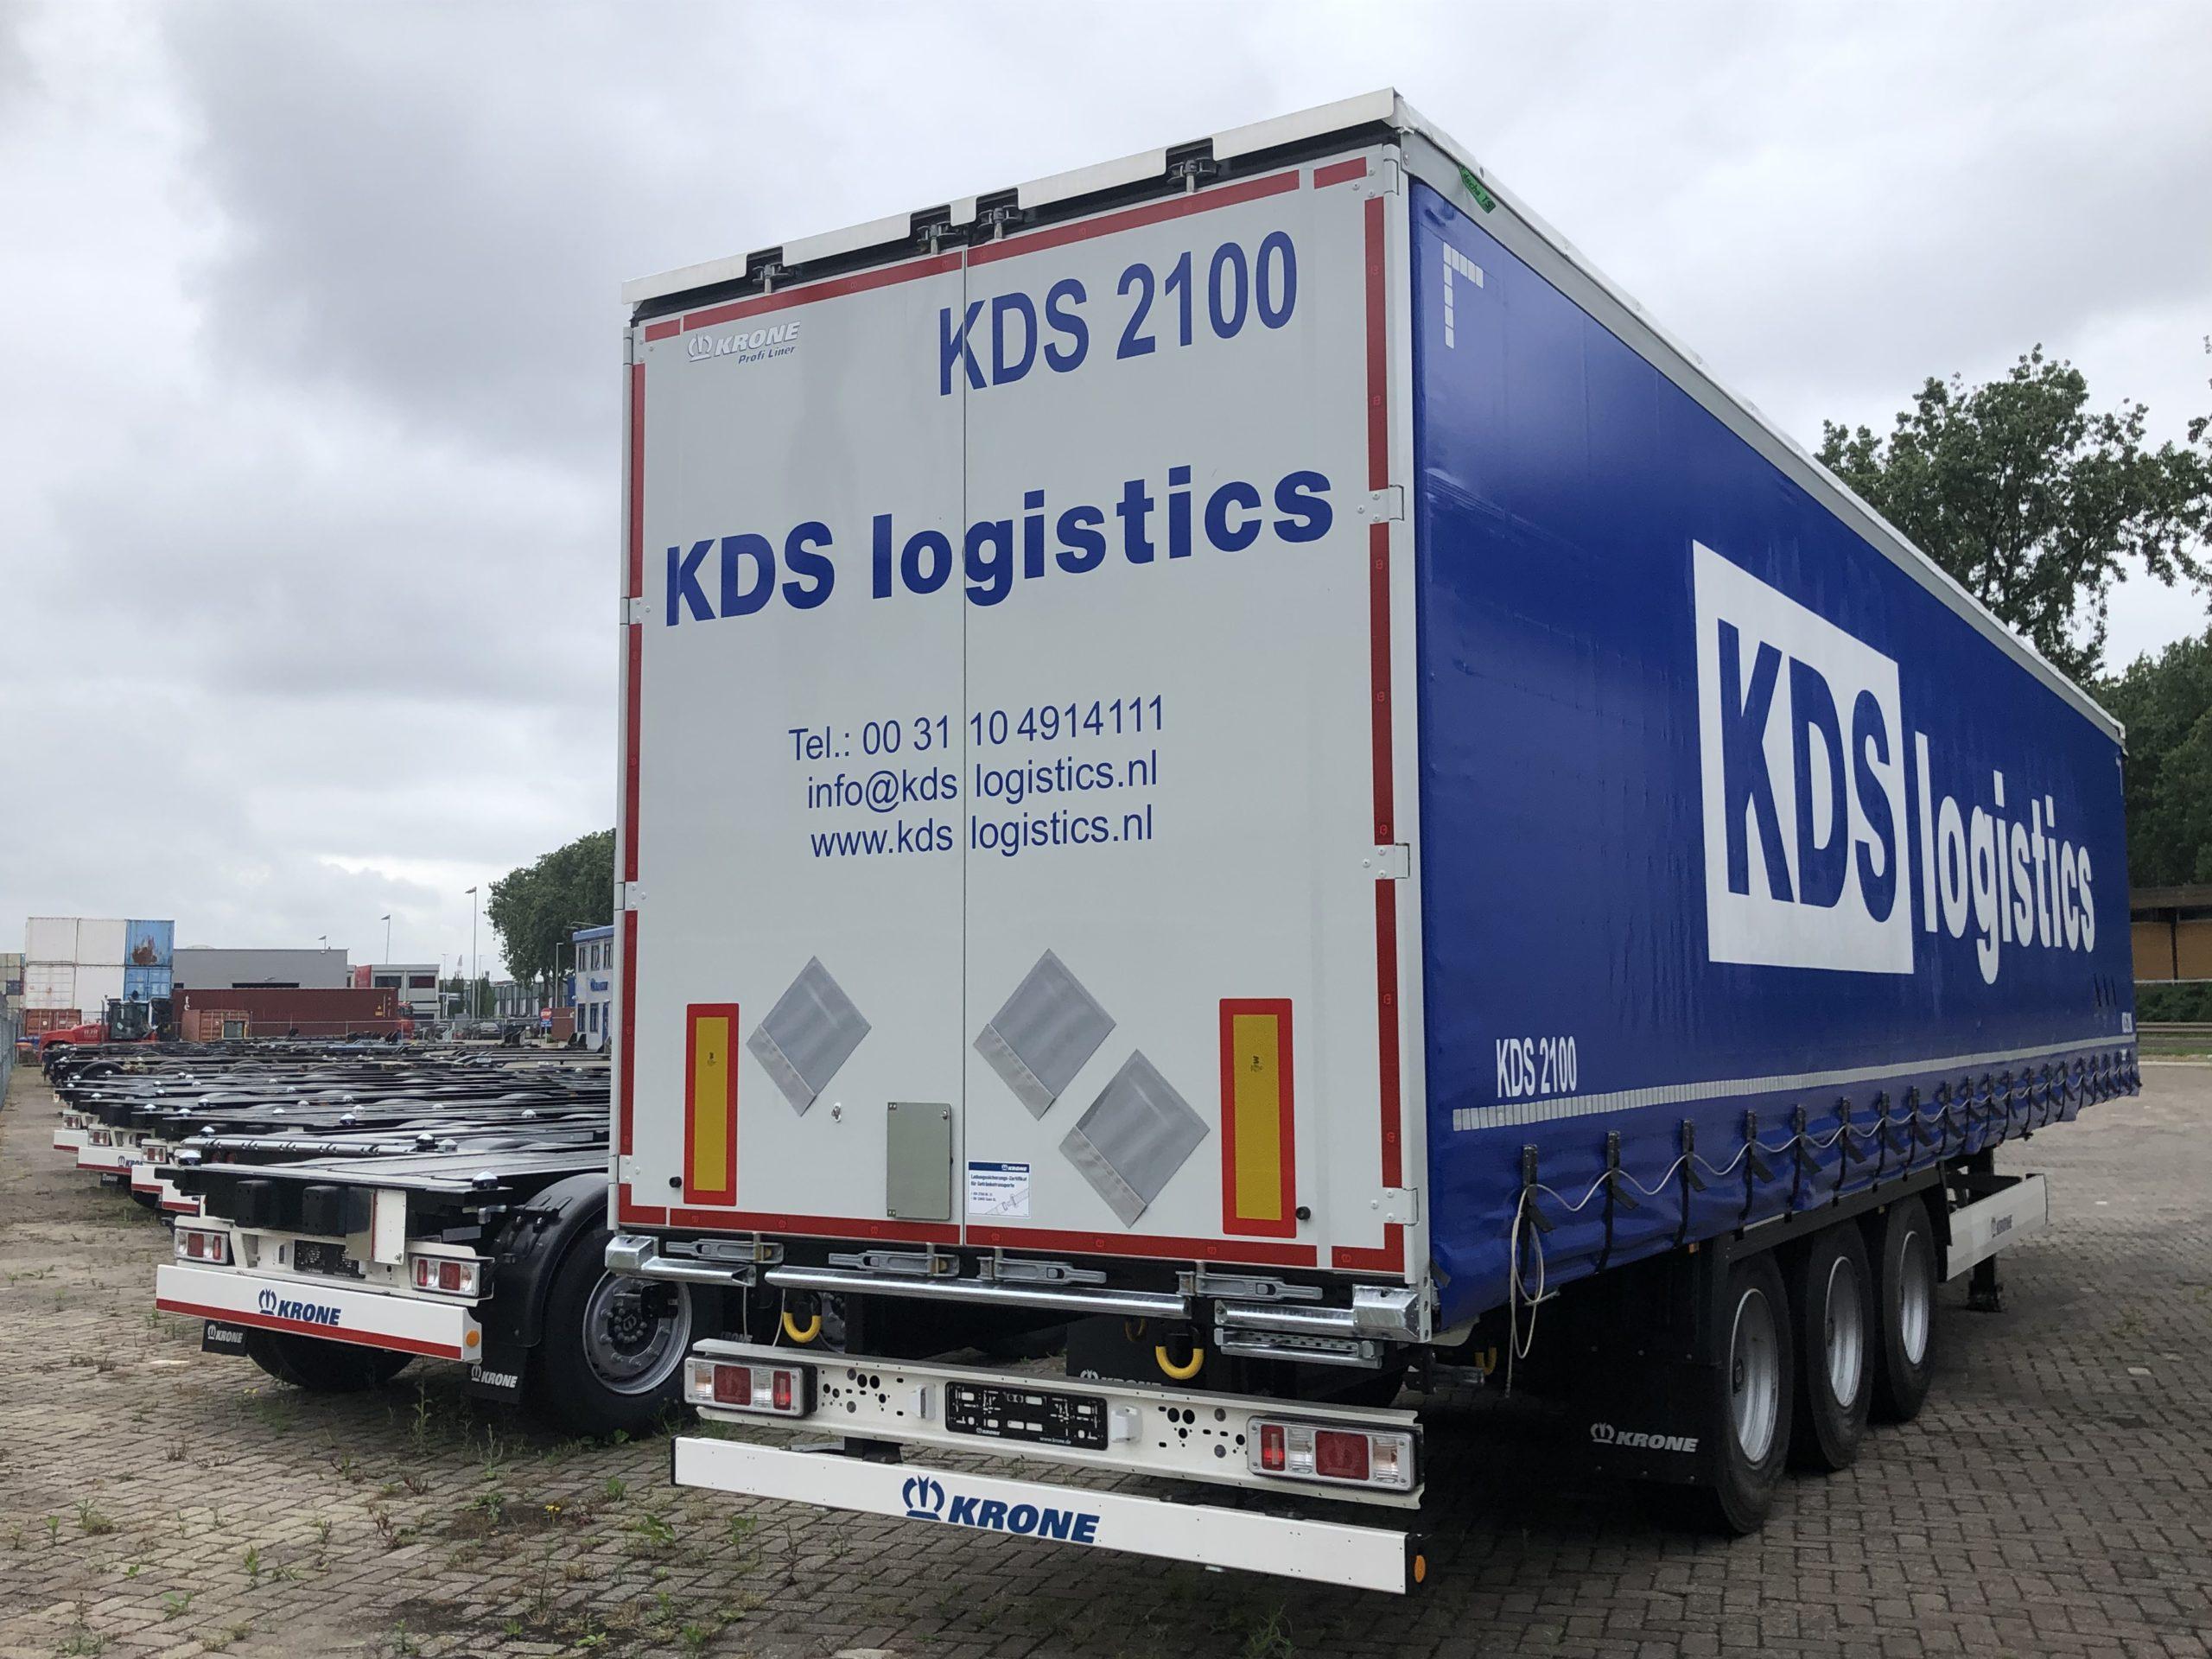 https://www.kdslogistics.nl/wp-content/uploads/2021/07/kds-2100-6-scaled.jpg